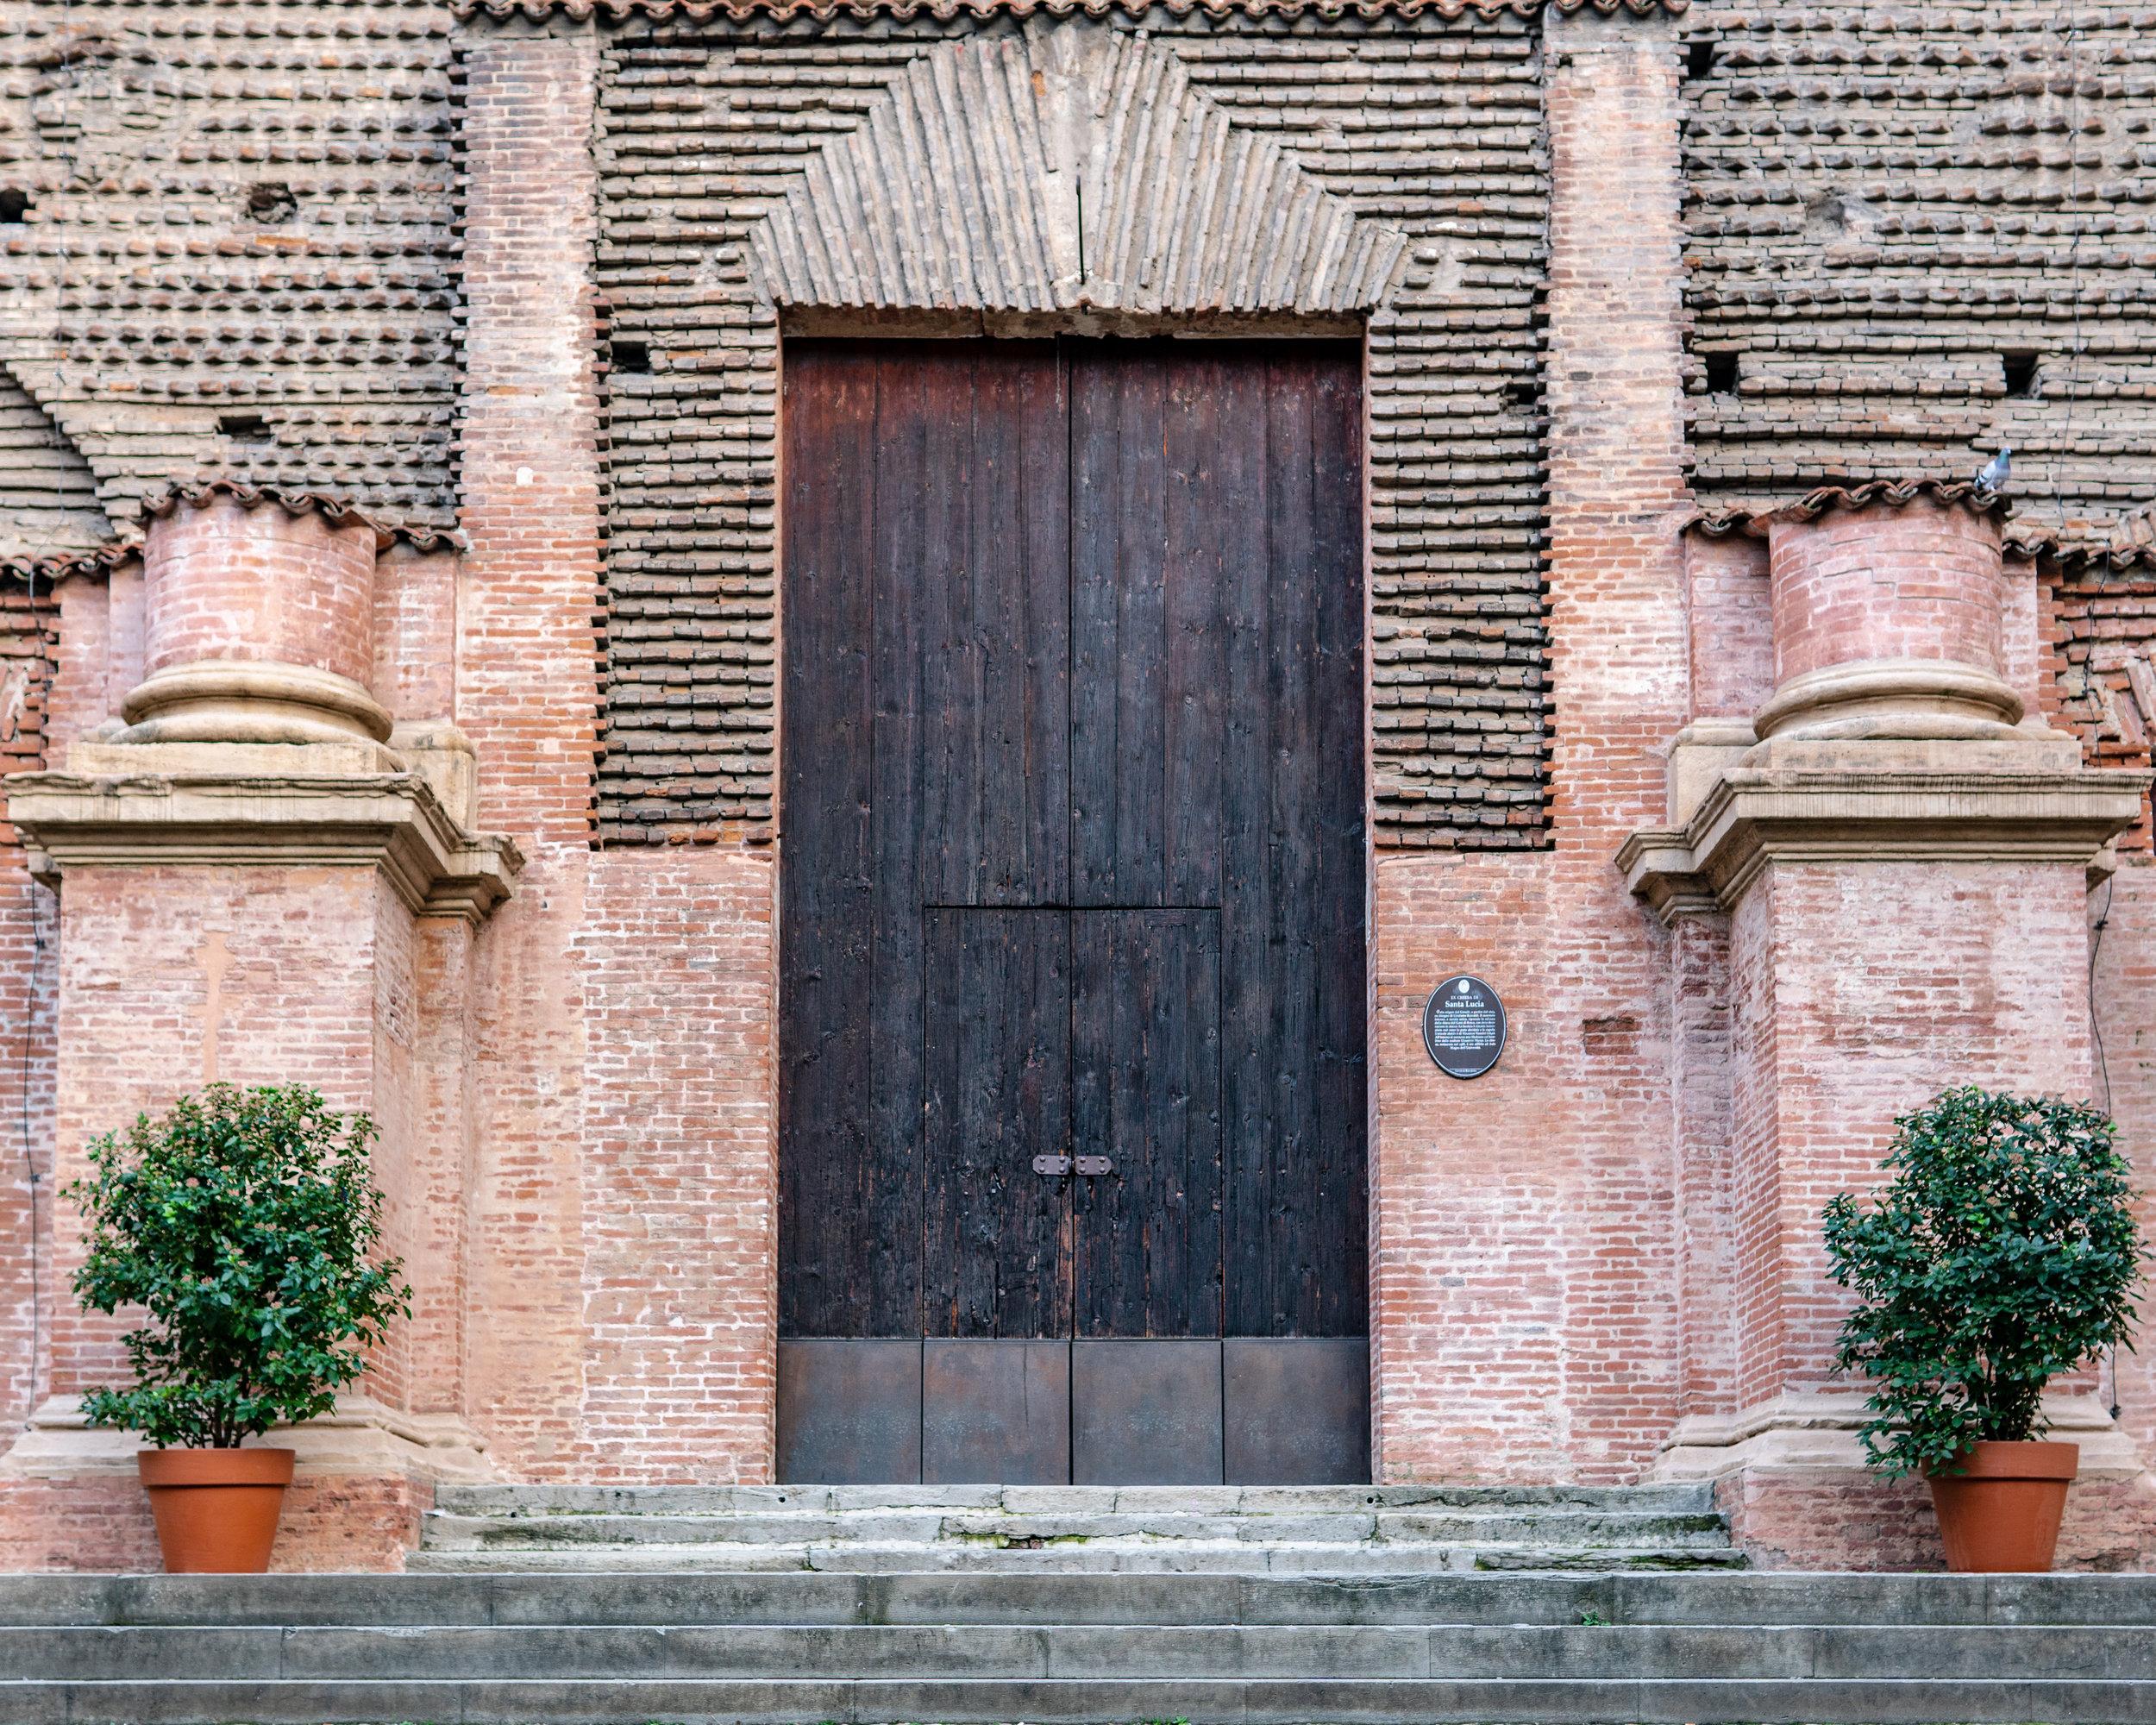 Bologna detail